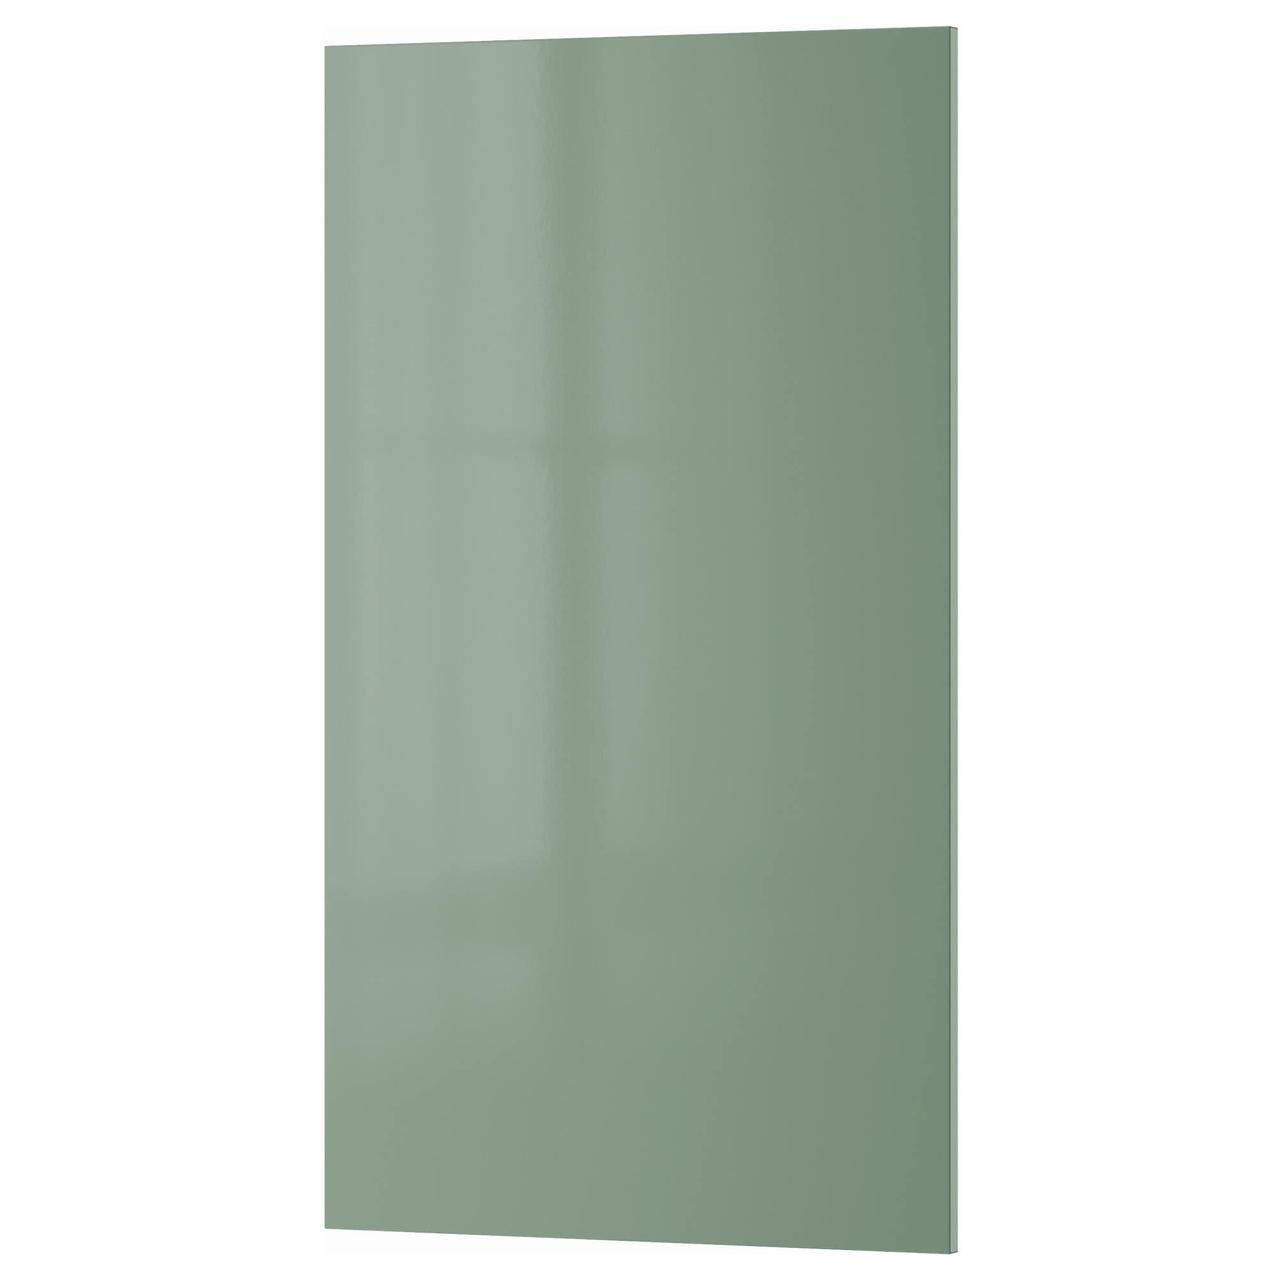 КАЛЛАРП Фронт панель для посудом машины, глянцевый светло-зеленый